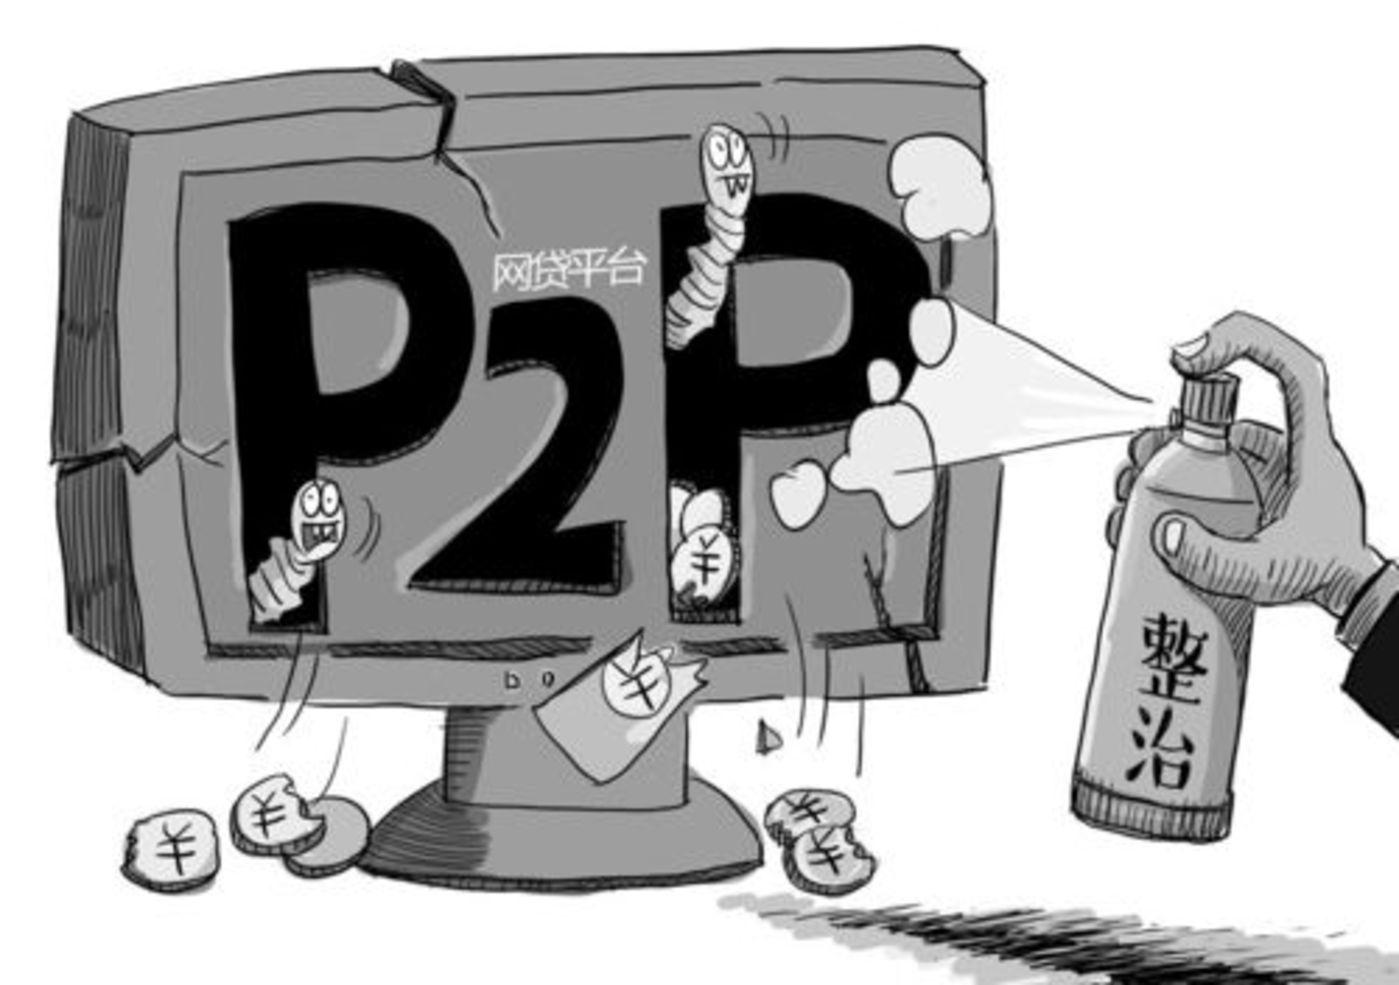 """3000亿借贷近百亿未还,杭州第一大P2P平台""""微贷网""""被立案侦查"""